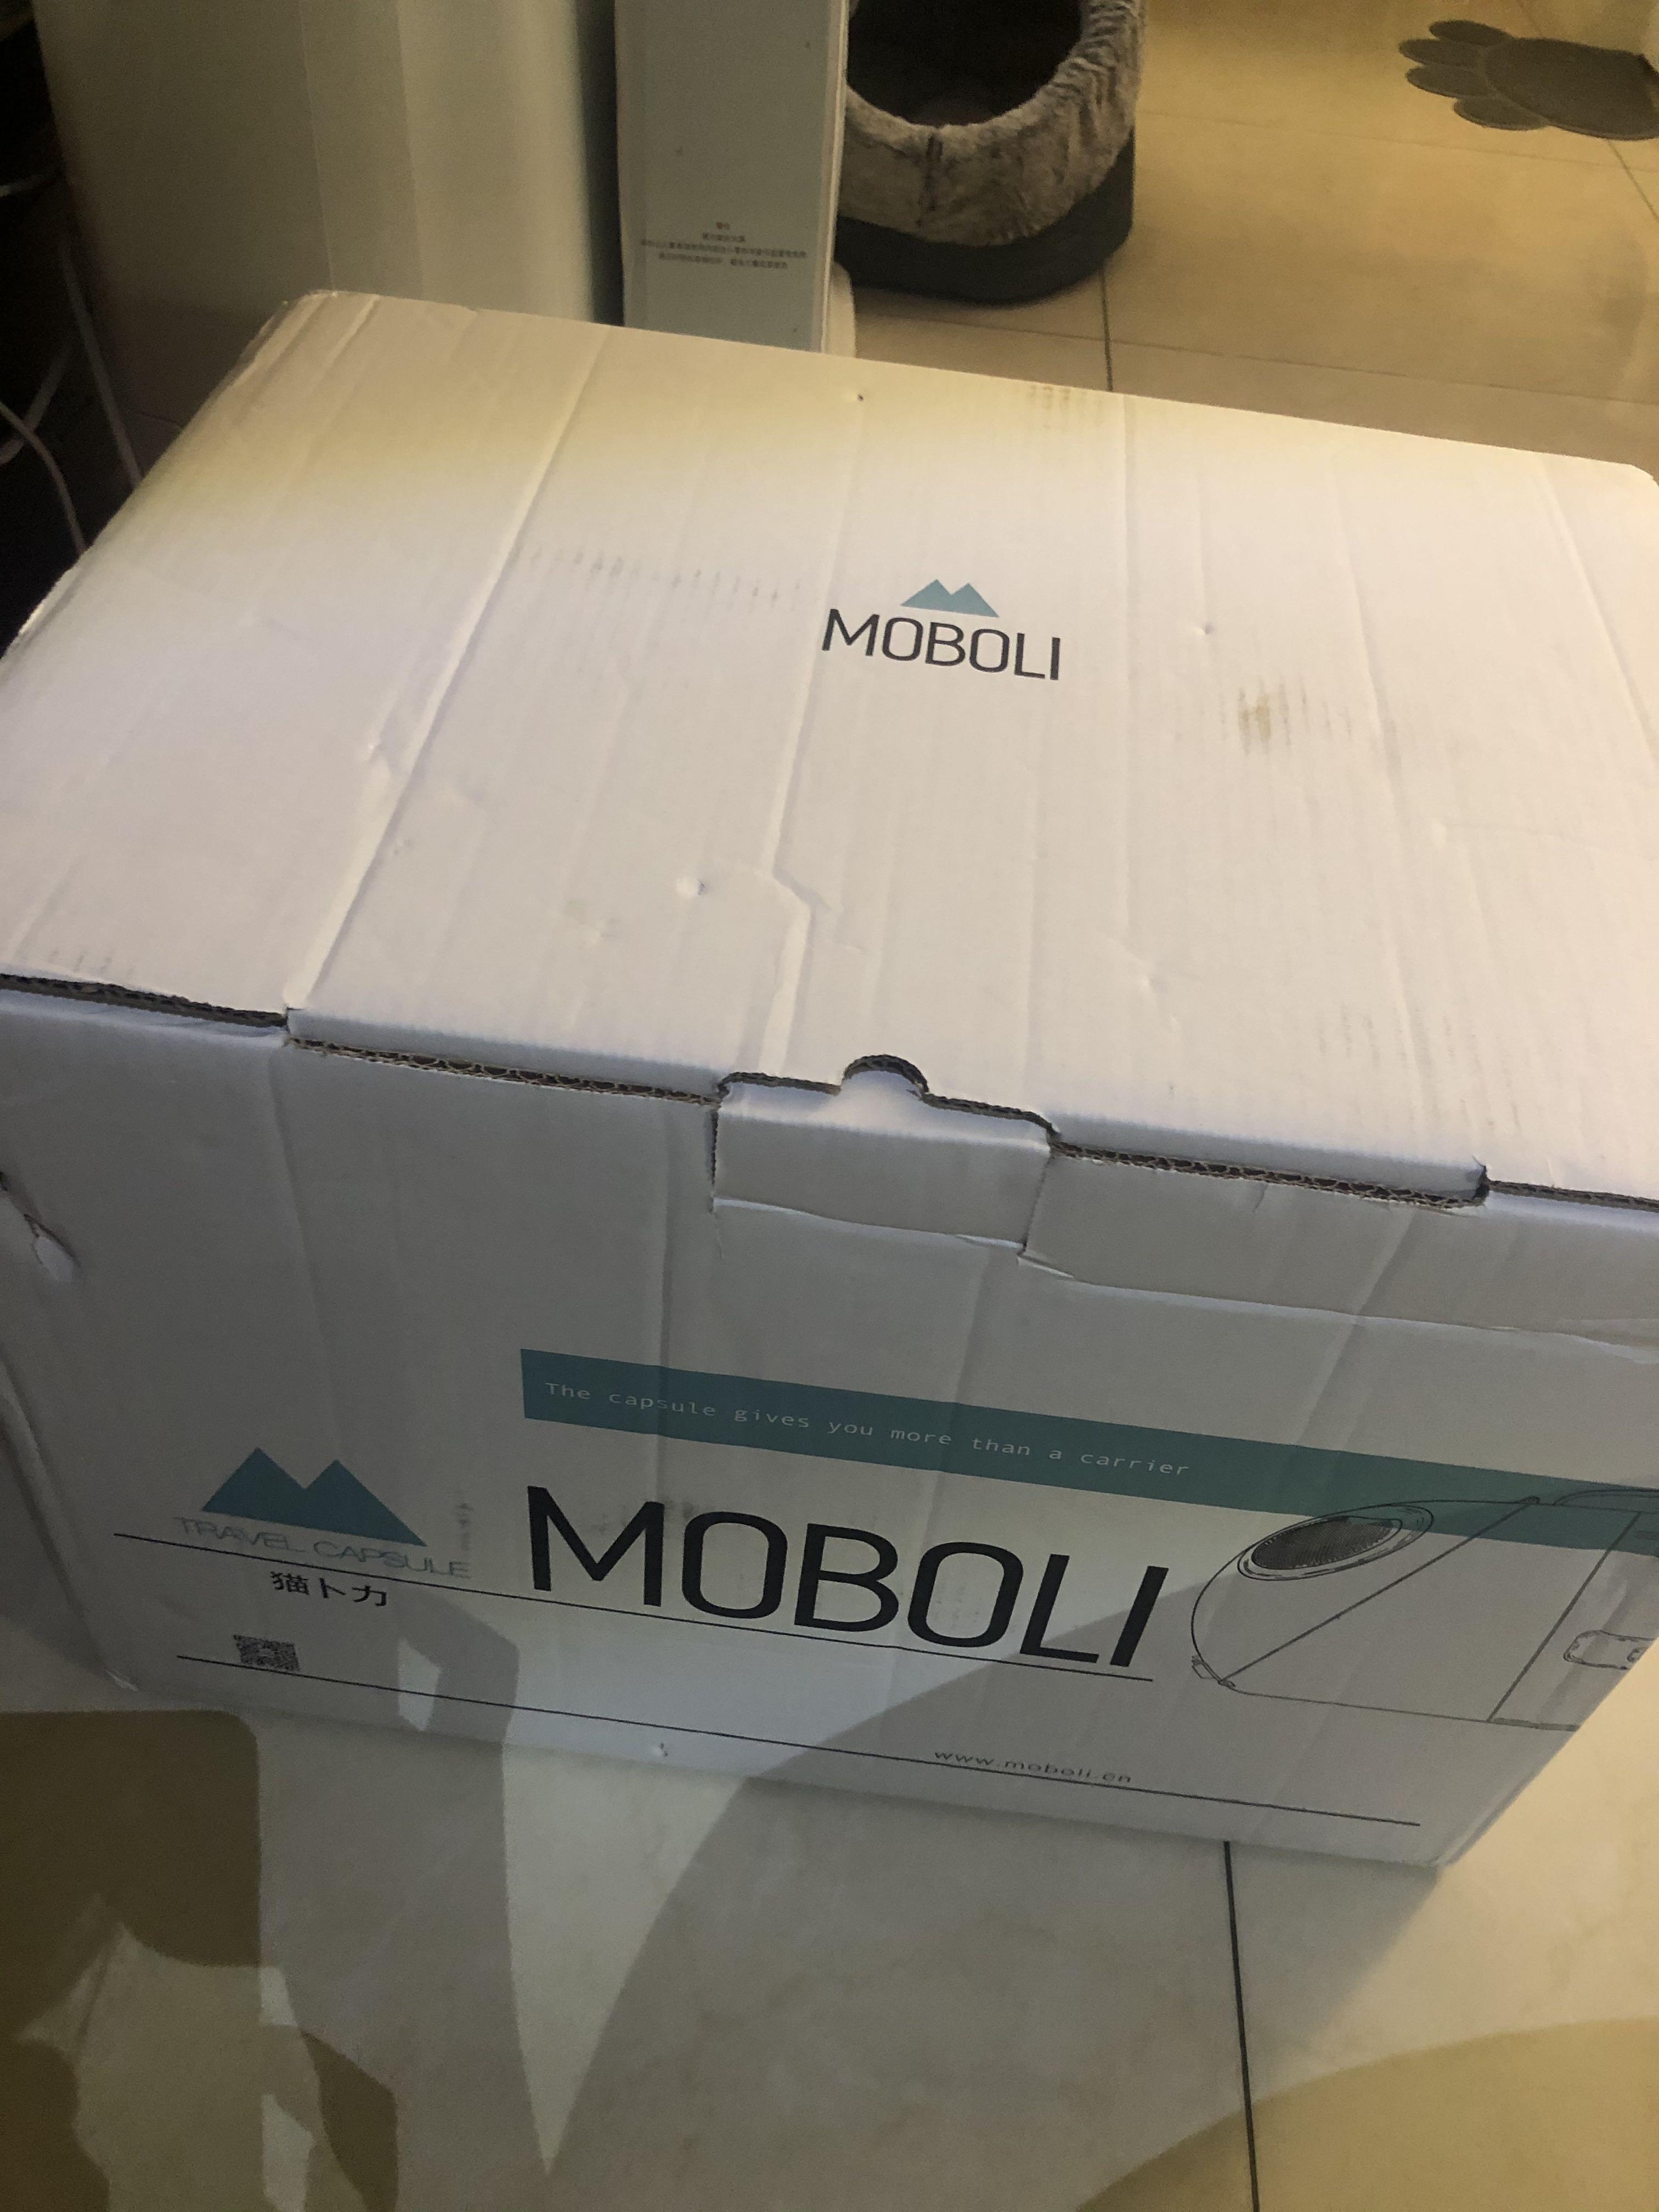 全新正品moboli,官網可查到資料,買回來未使用,因為體積很大,運費花了不少,限自取,2050